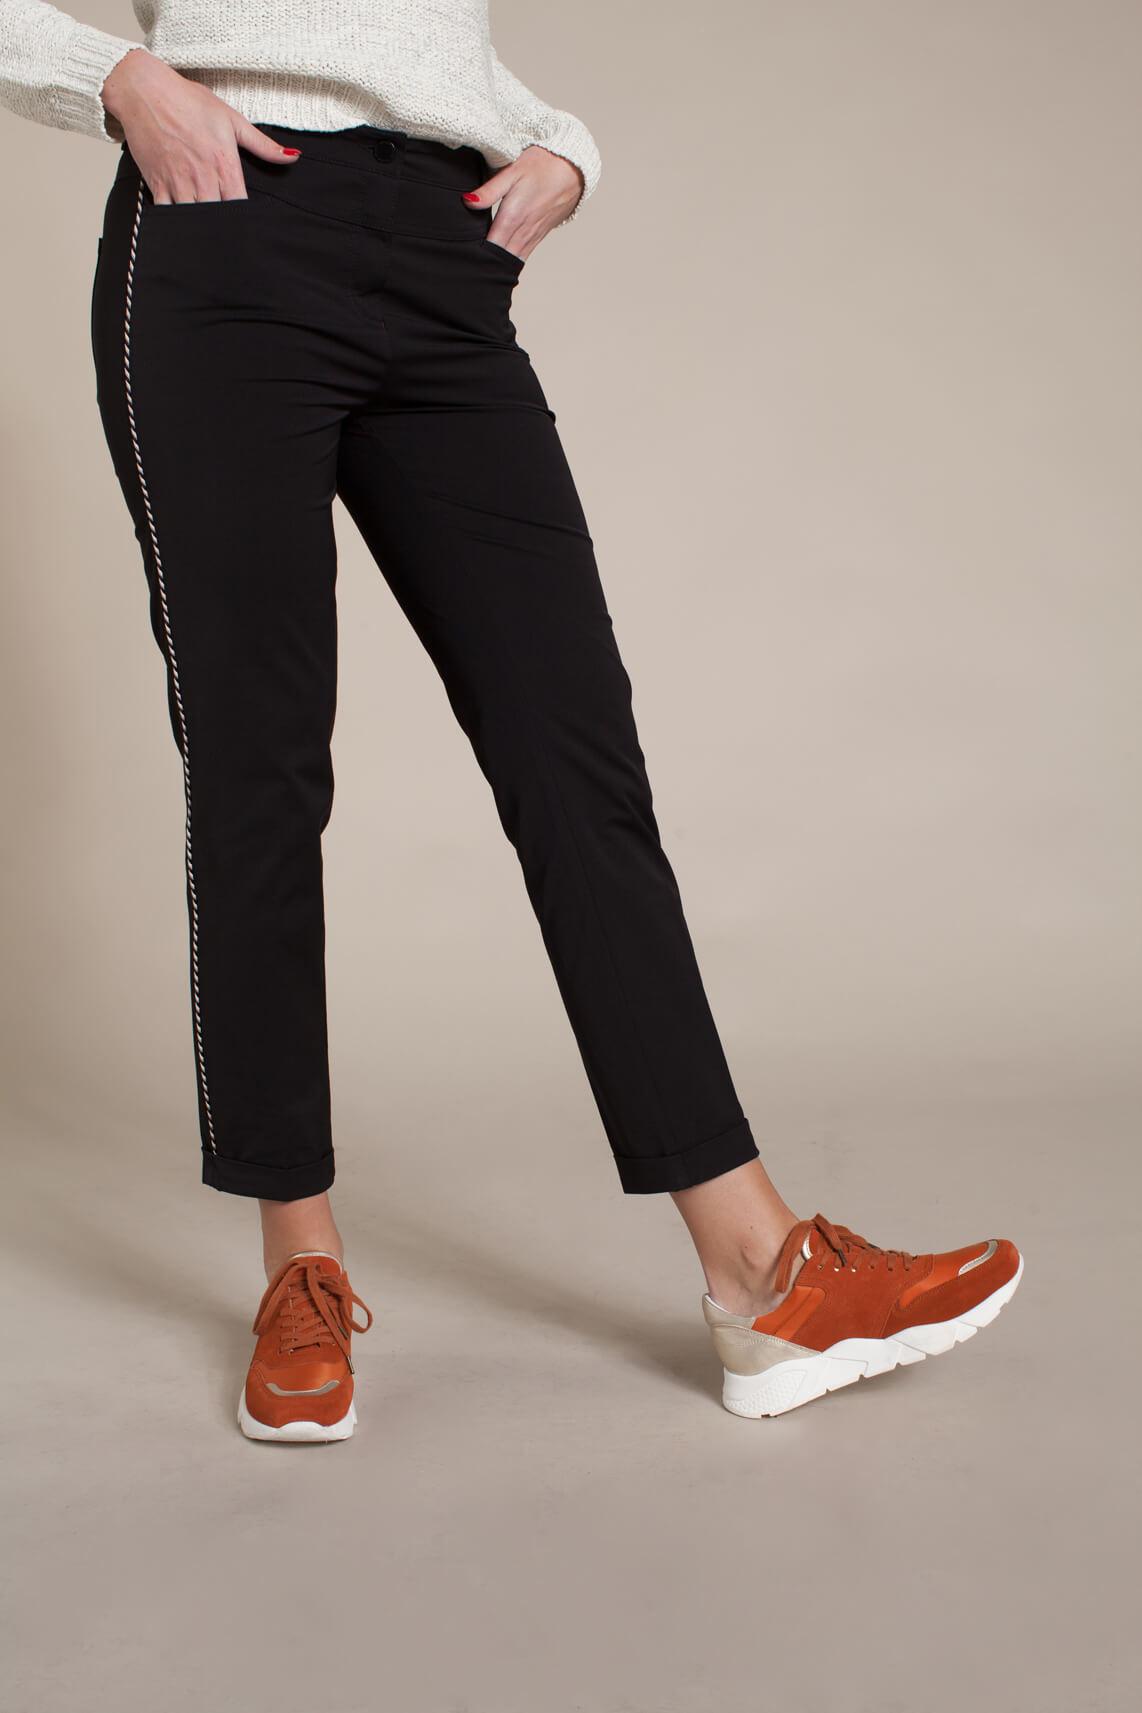 Rosner Dames Audrey broek met gevlochten bies zwart